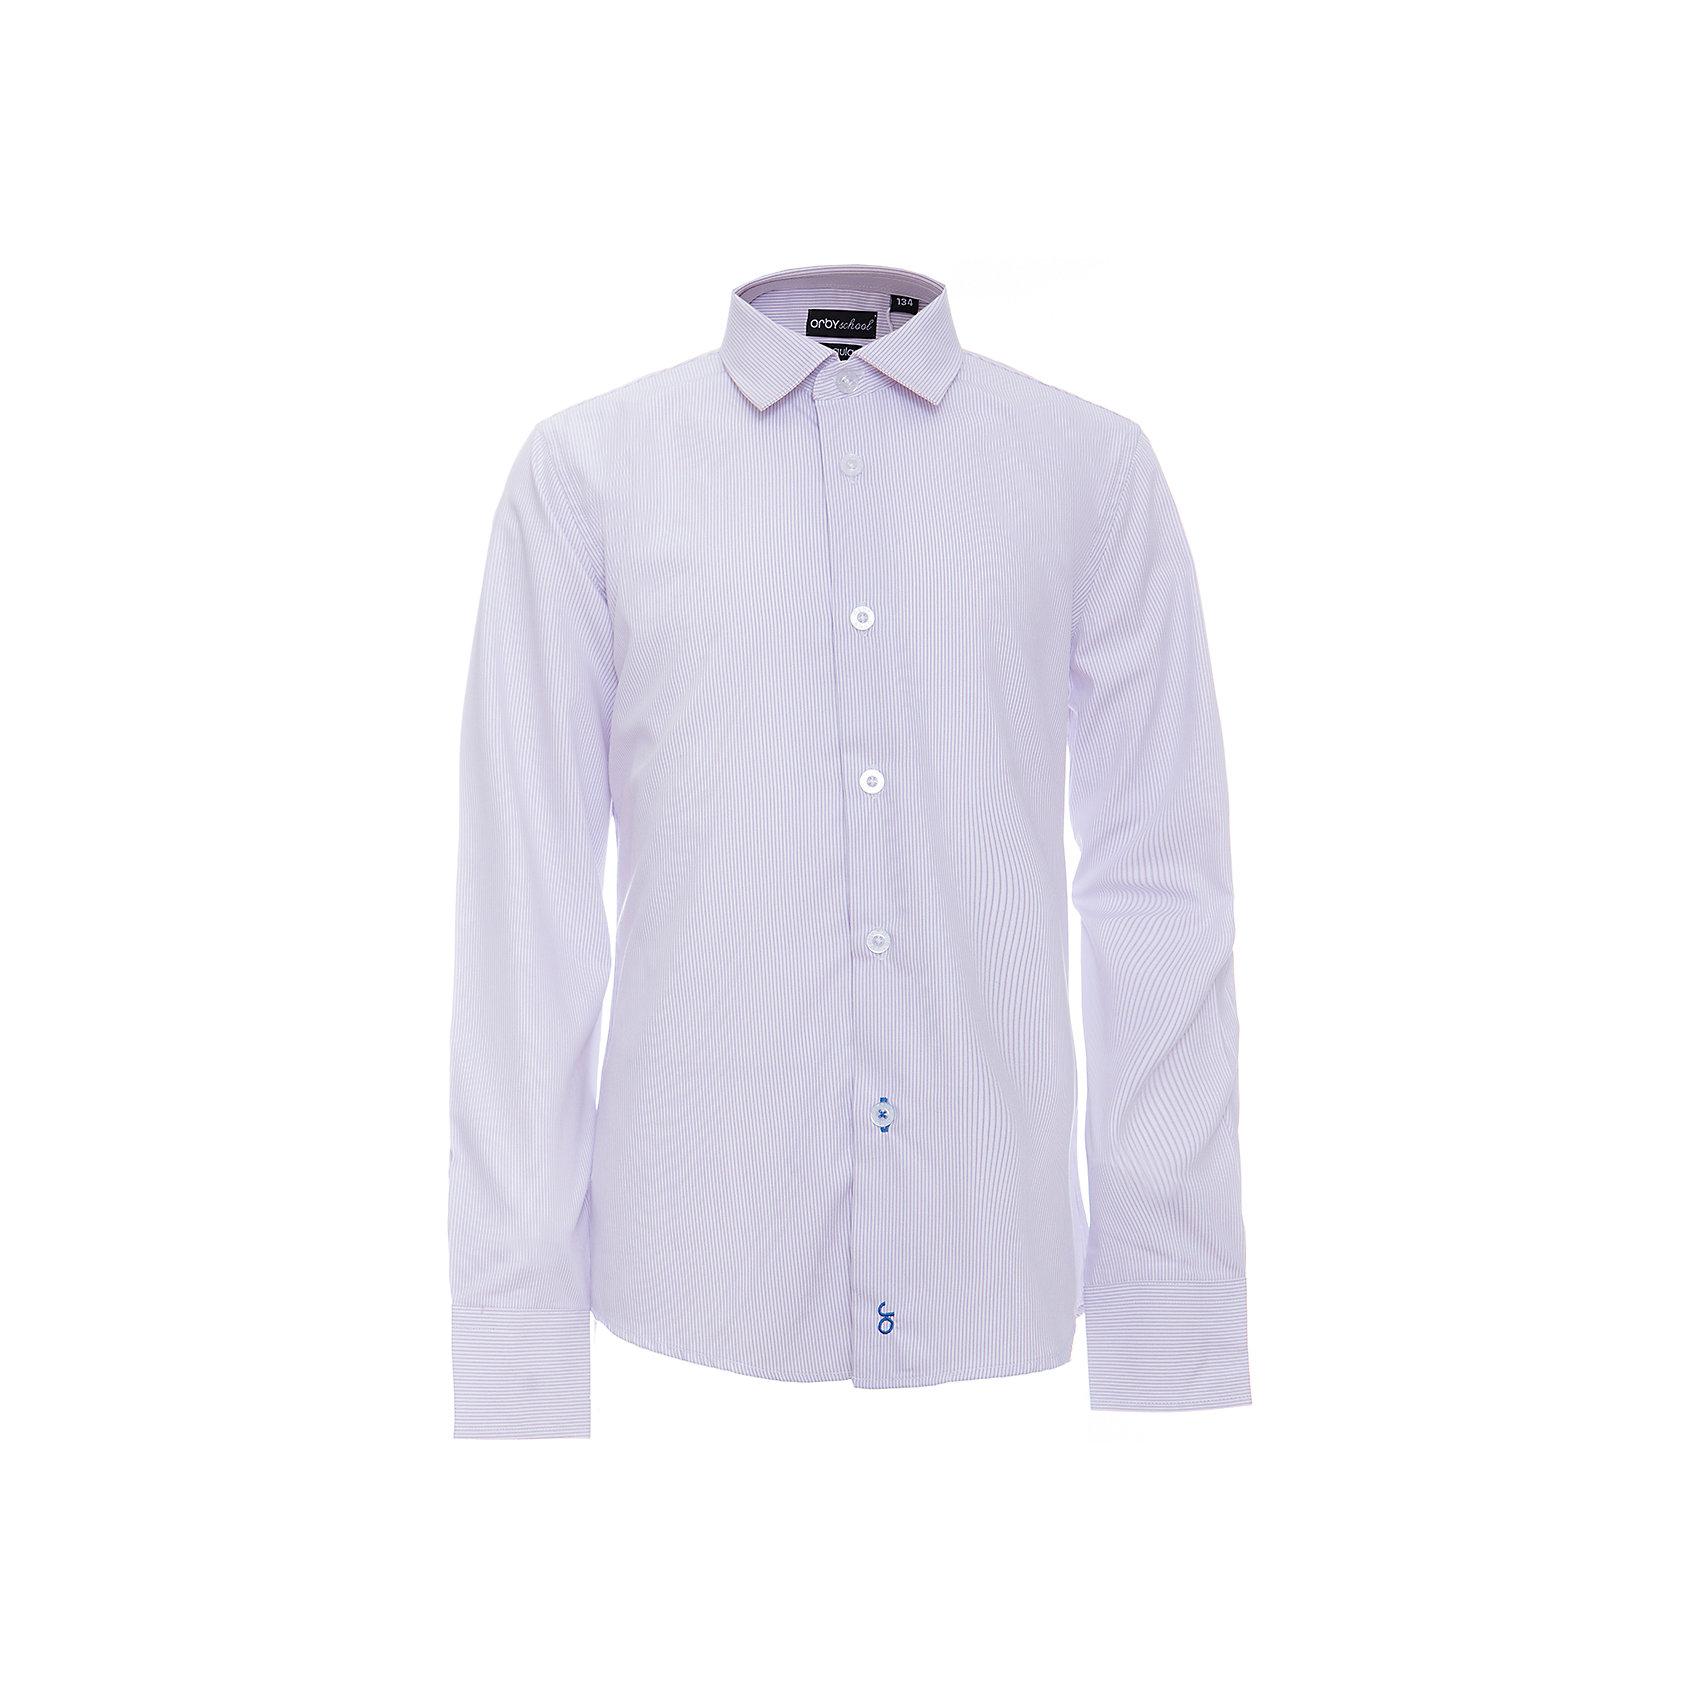 Рубашка для мальчика OrbyБлузки и рубашки<br>Характеристики товара:<br><br>• цвет: фиолетовый<br>• состав ткани: 40% хлопок, 60% ПЭ<br>• особенности: школьная<br>• длинные рукава<br>• застежка: пуговицы<br>• контрастный воротник и манжеты<br>• сезон: круглый год<br>• страна бренда: Россия<br>• страна изготовитель: Россия<br><br>Фиолетовая рубашка в полоску для мальчика Orby - отличный способ разнообразить гардероб. Сшита из материала с добавлением натурального хлопка.<br><br>Классическая рубашка поможет ребенку выглядеть стильно и чувствовать себя комфортно. Такая классическая сорочка хорошо дополнит школьную форму. <br><br>Рубашку для мальчика Orby (Орби) можно купить в нашем интернет-магазине.<br><br>Ширина мм: 174<br>Глубина мм: 10<br>Высота мм: 169<br>Вес г: 157<br>Цвет: фиолетовый<br>Возраст от месяцев: 156<br>Возраст до месяцев: 168<br>Пол: Мужской<br>Возраст: Детский<br>Размер: 164,170,122,128,134,140,146,152,158<br>SKU: 6960353